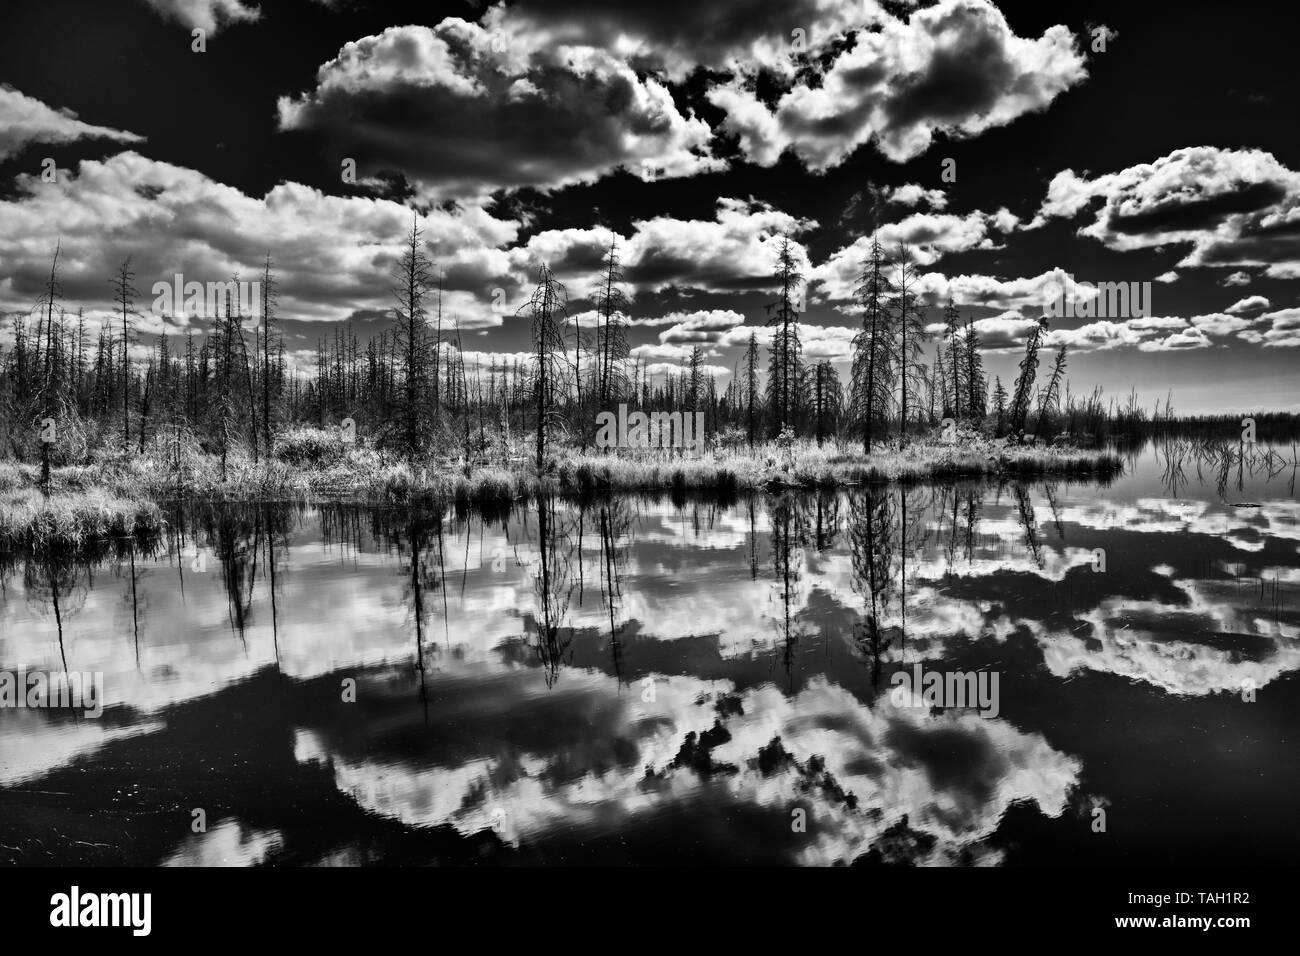 Las nubes y el bosque boreal reflejada en pantanos cerca de Yellowknife Territorios del Noroeste de Canadá Foto de stock